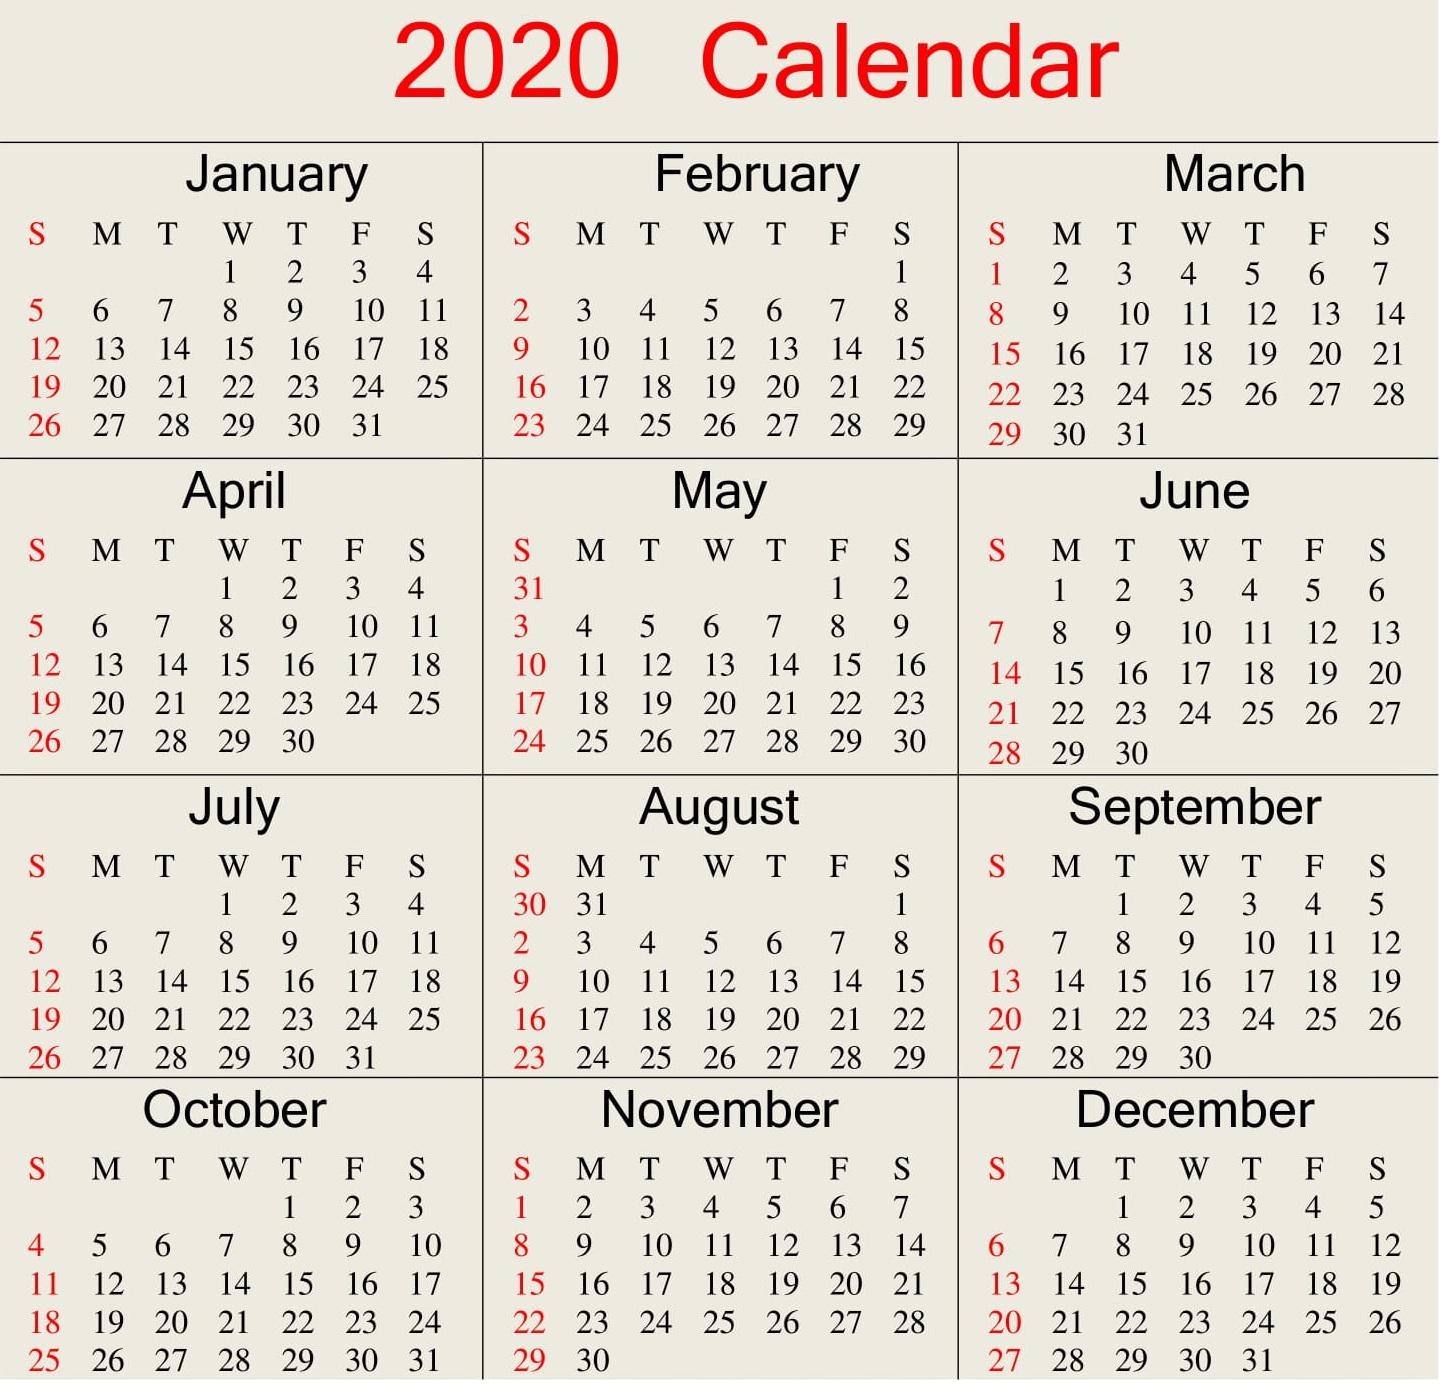 Julian Date Calendar 2020 Excel   Free Printable Calendar Pertaining To Julian Date To Calander Date